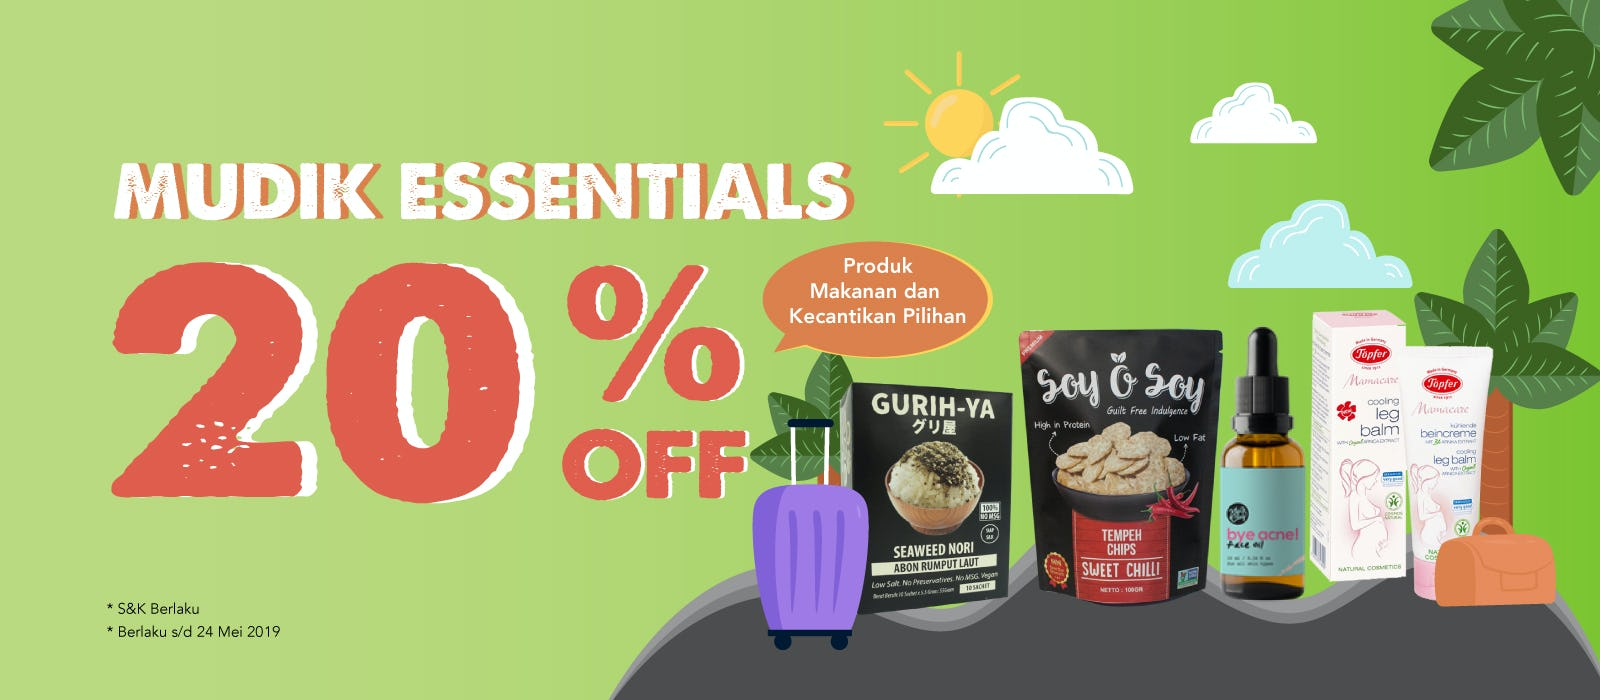 Mudik Essentials 20% OFF Produk Makanan dan Kecantikan